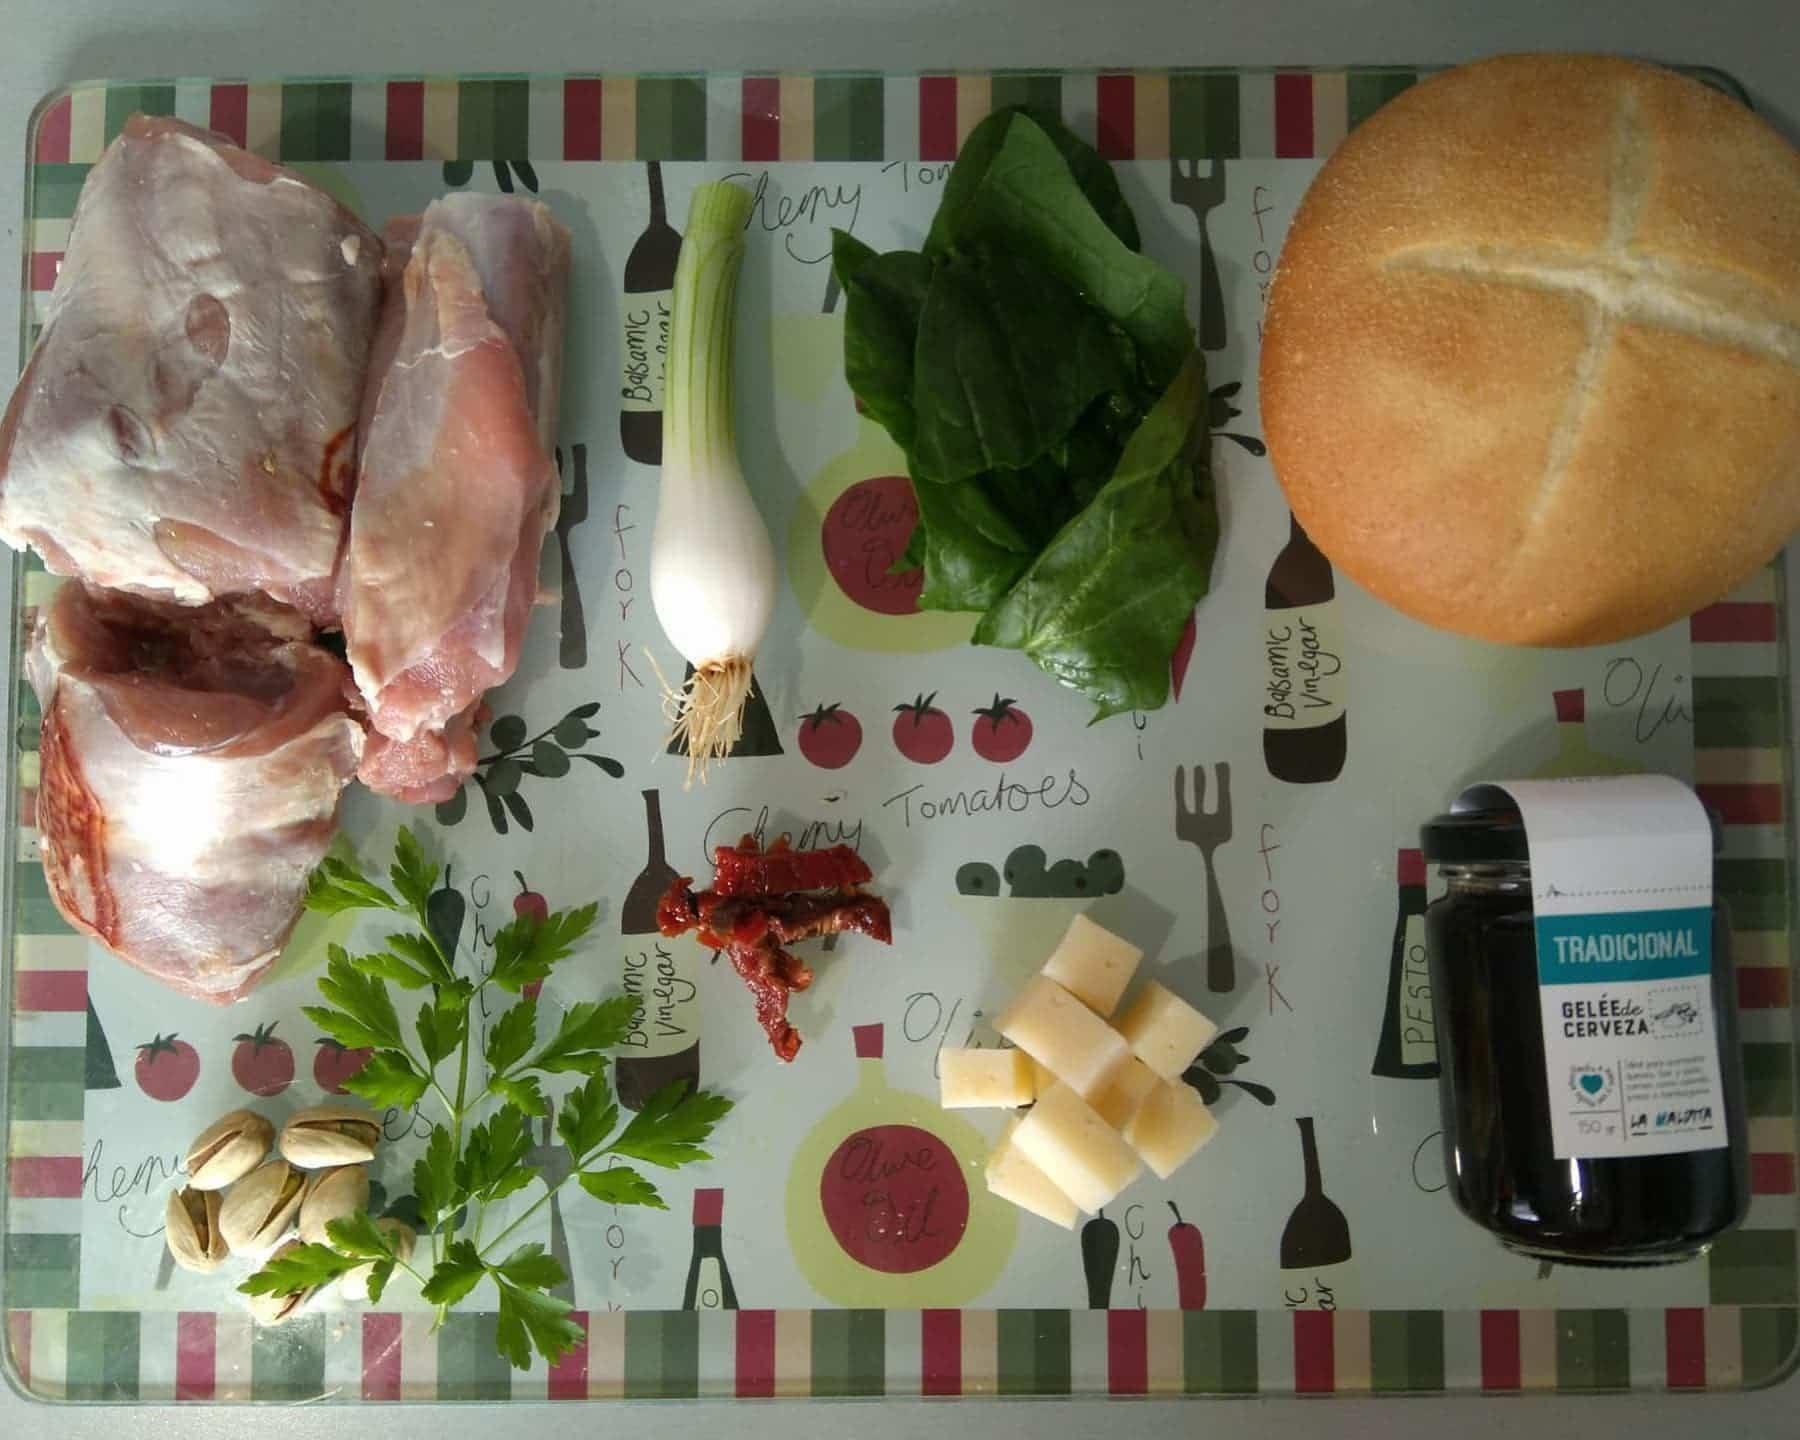 ingredientes herenciana burger - La Herenciana's Burger ganadora del Concurso Fotográfico-Gastronómico